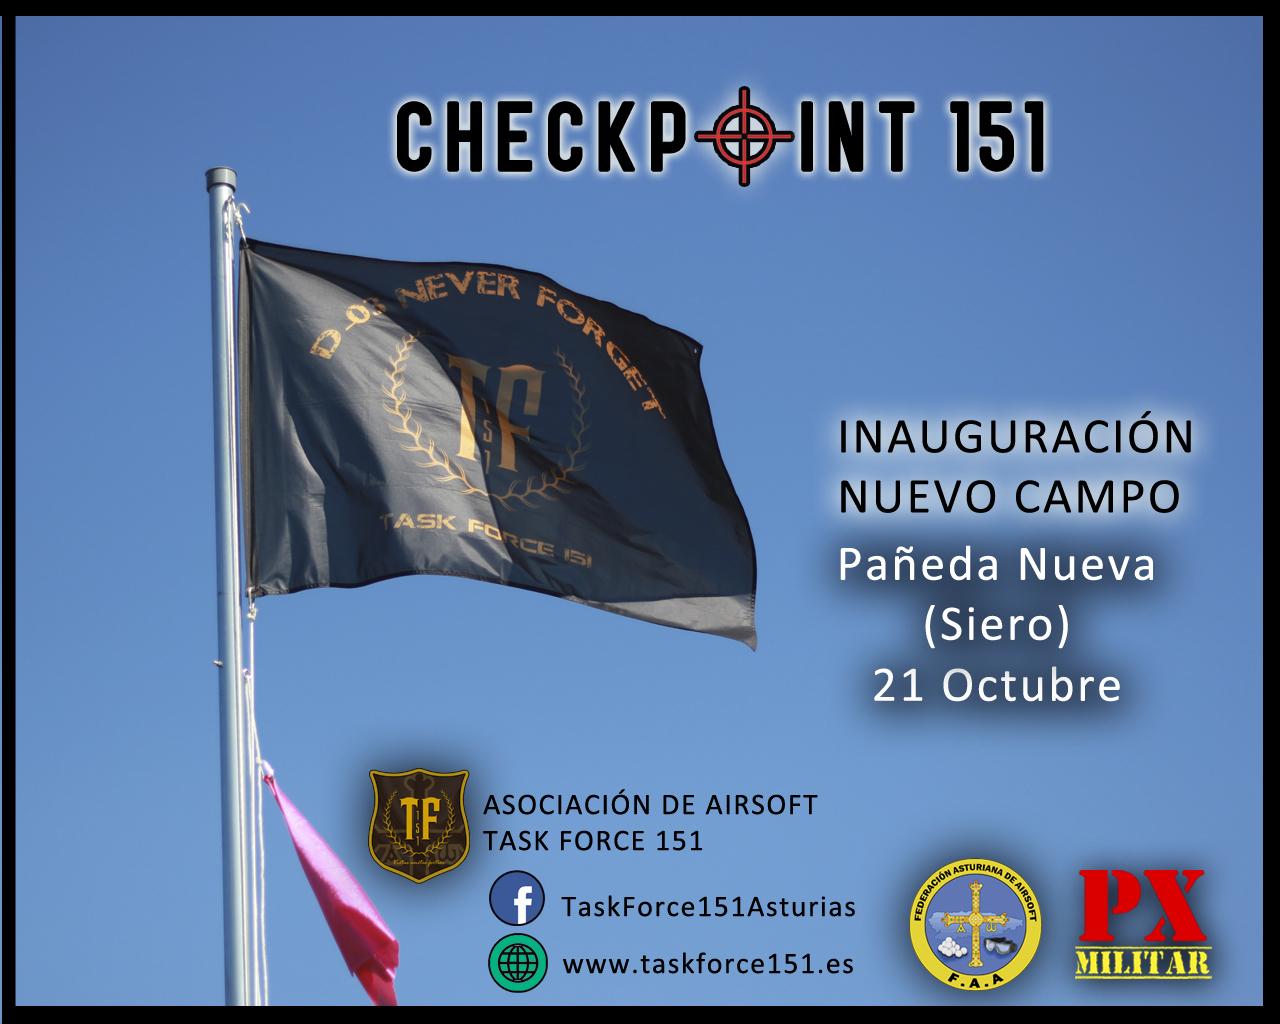 Inauguración Campo Checkpoint 151 Inauguracion-campo